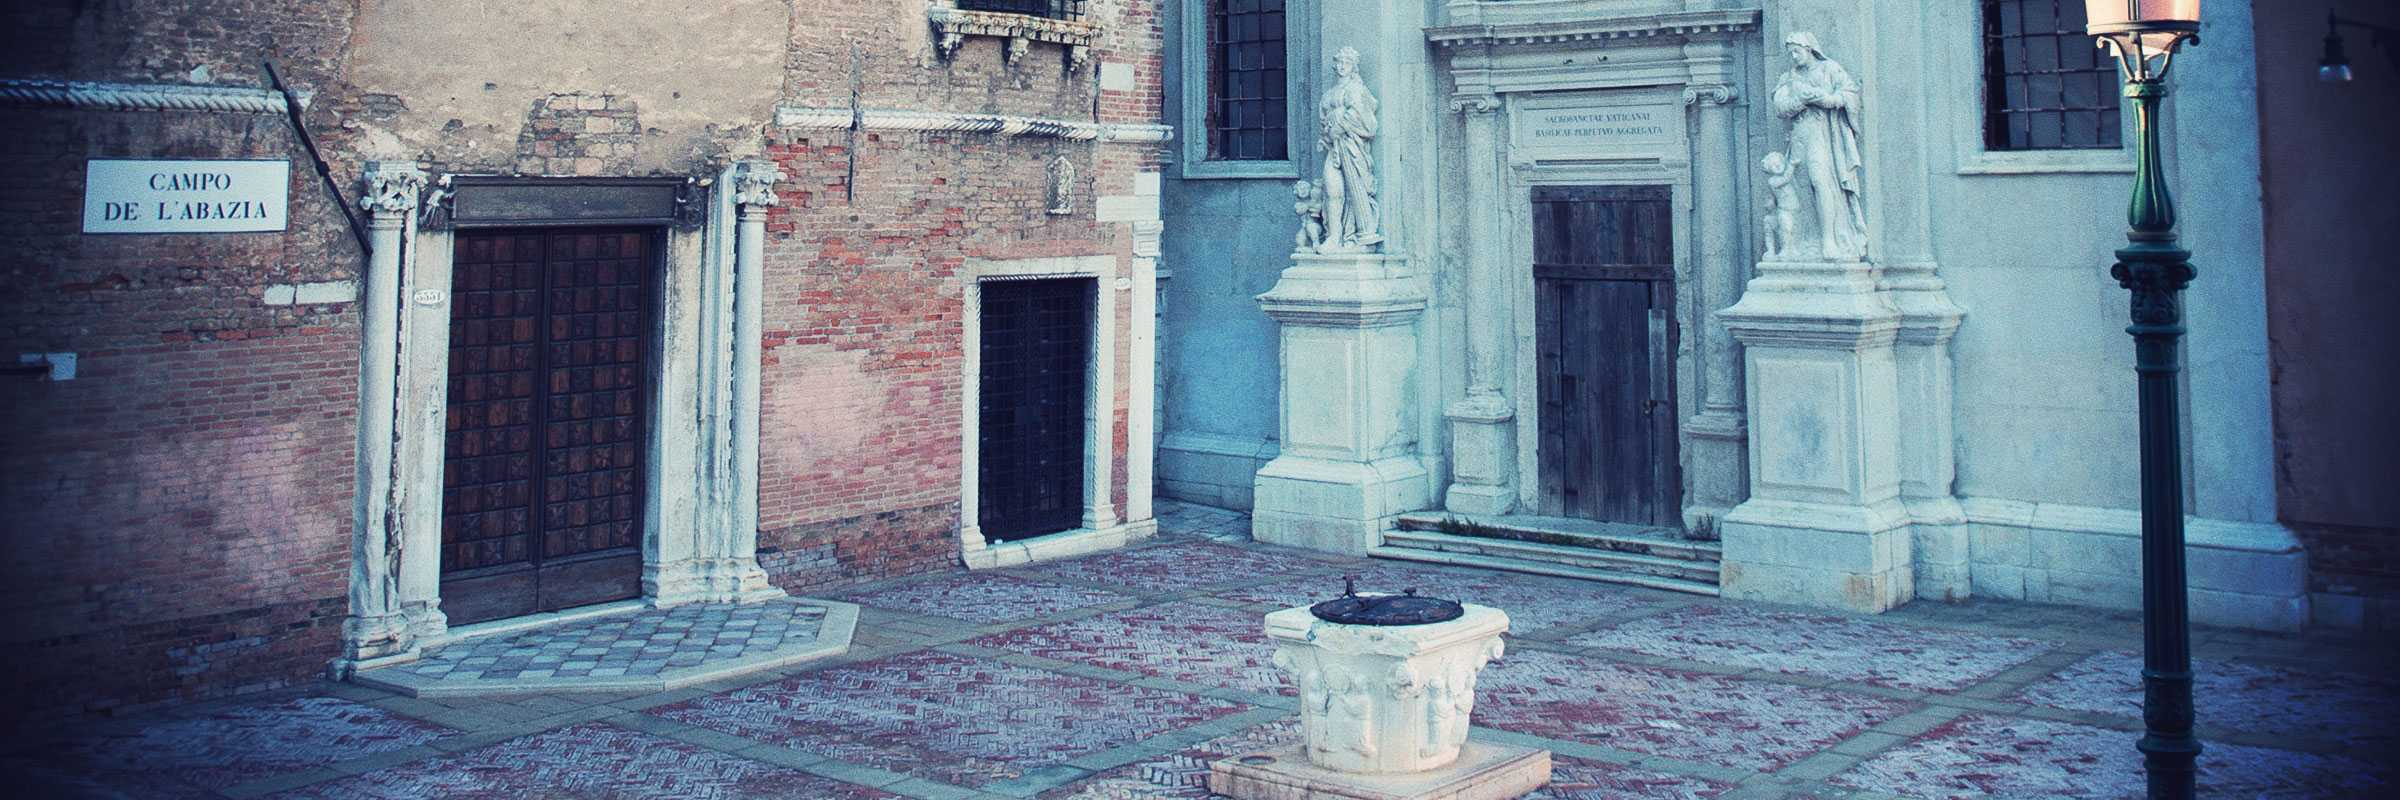 Campo de l'Abazia: the well well, the church and the old school of Santa Maria della Misericordia — (Venipedia/Bazzmann Archive)